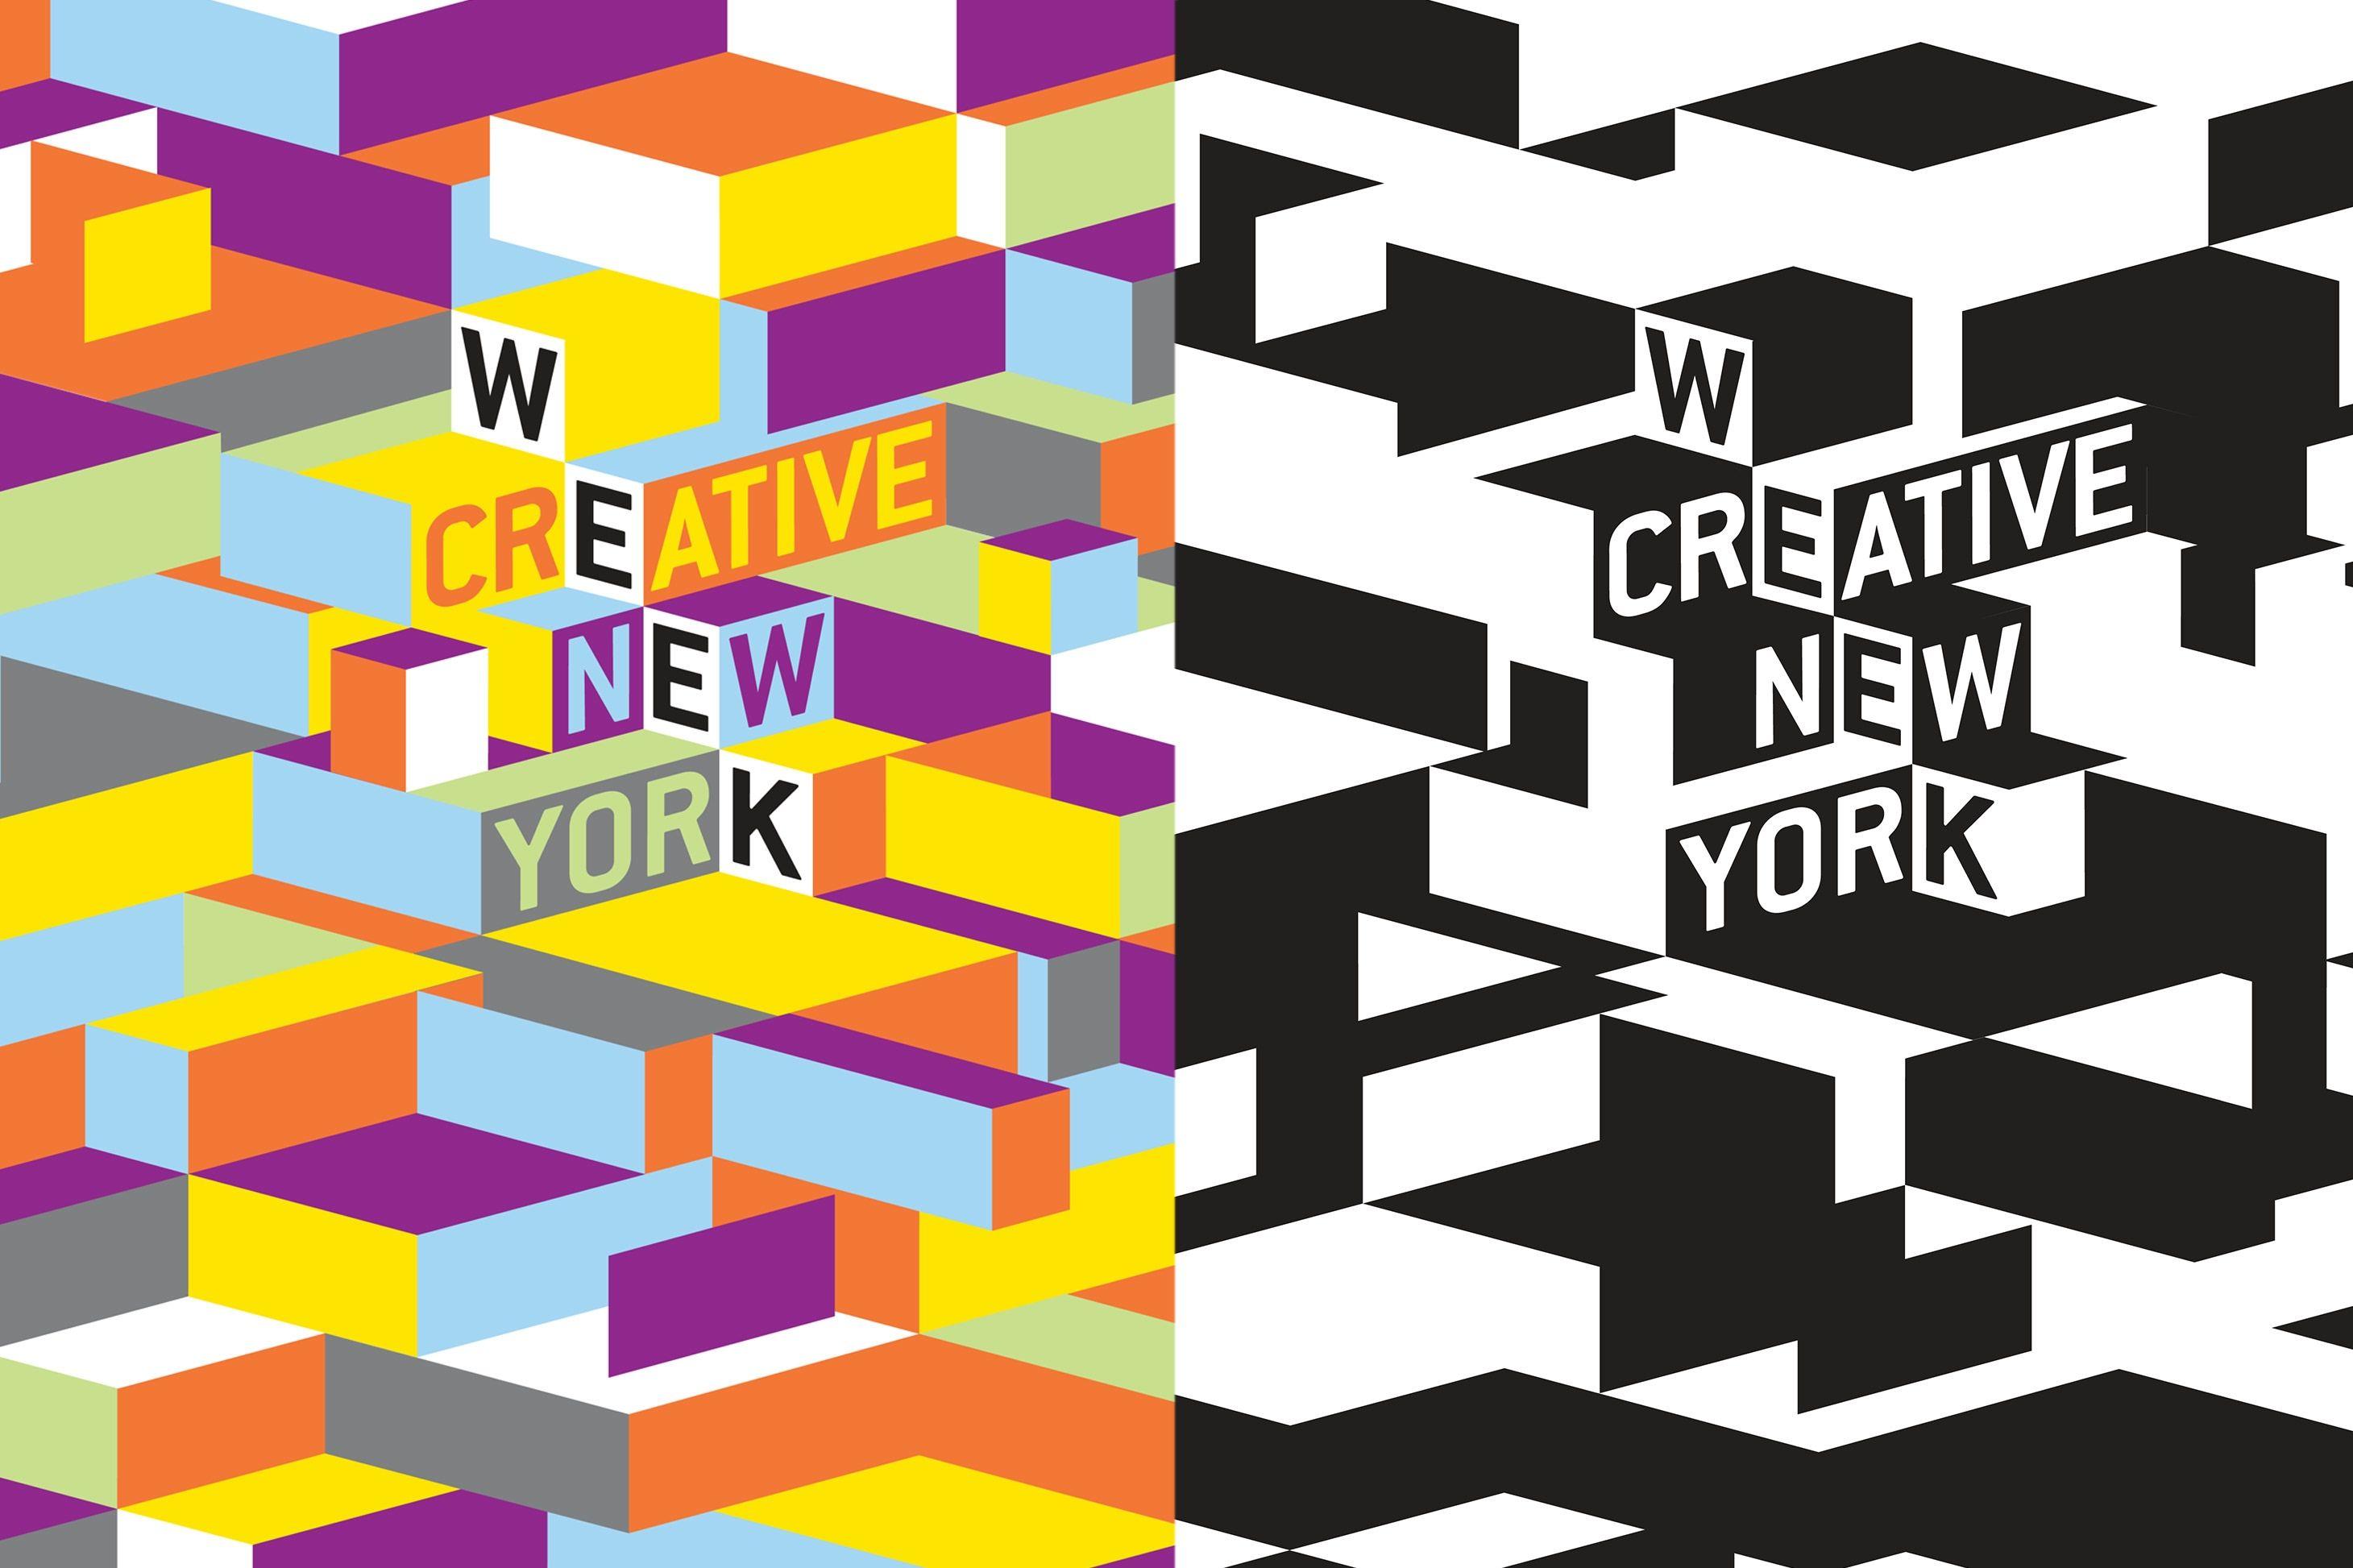 NY Creative Week – Collins